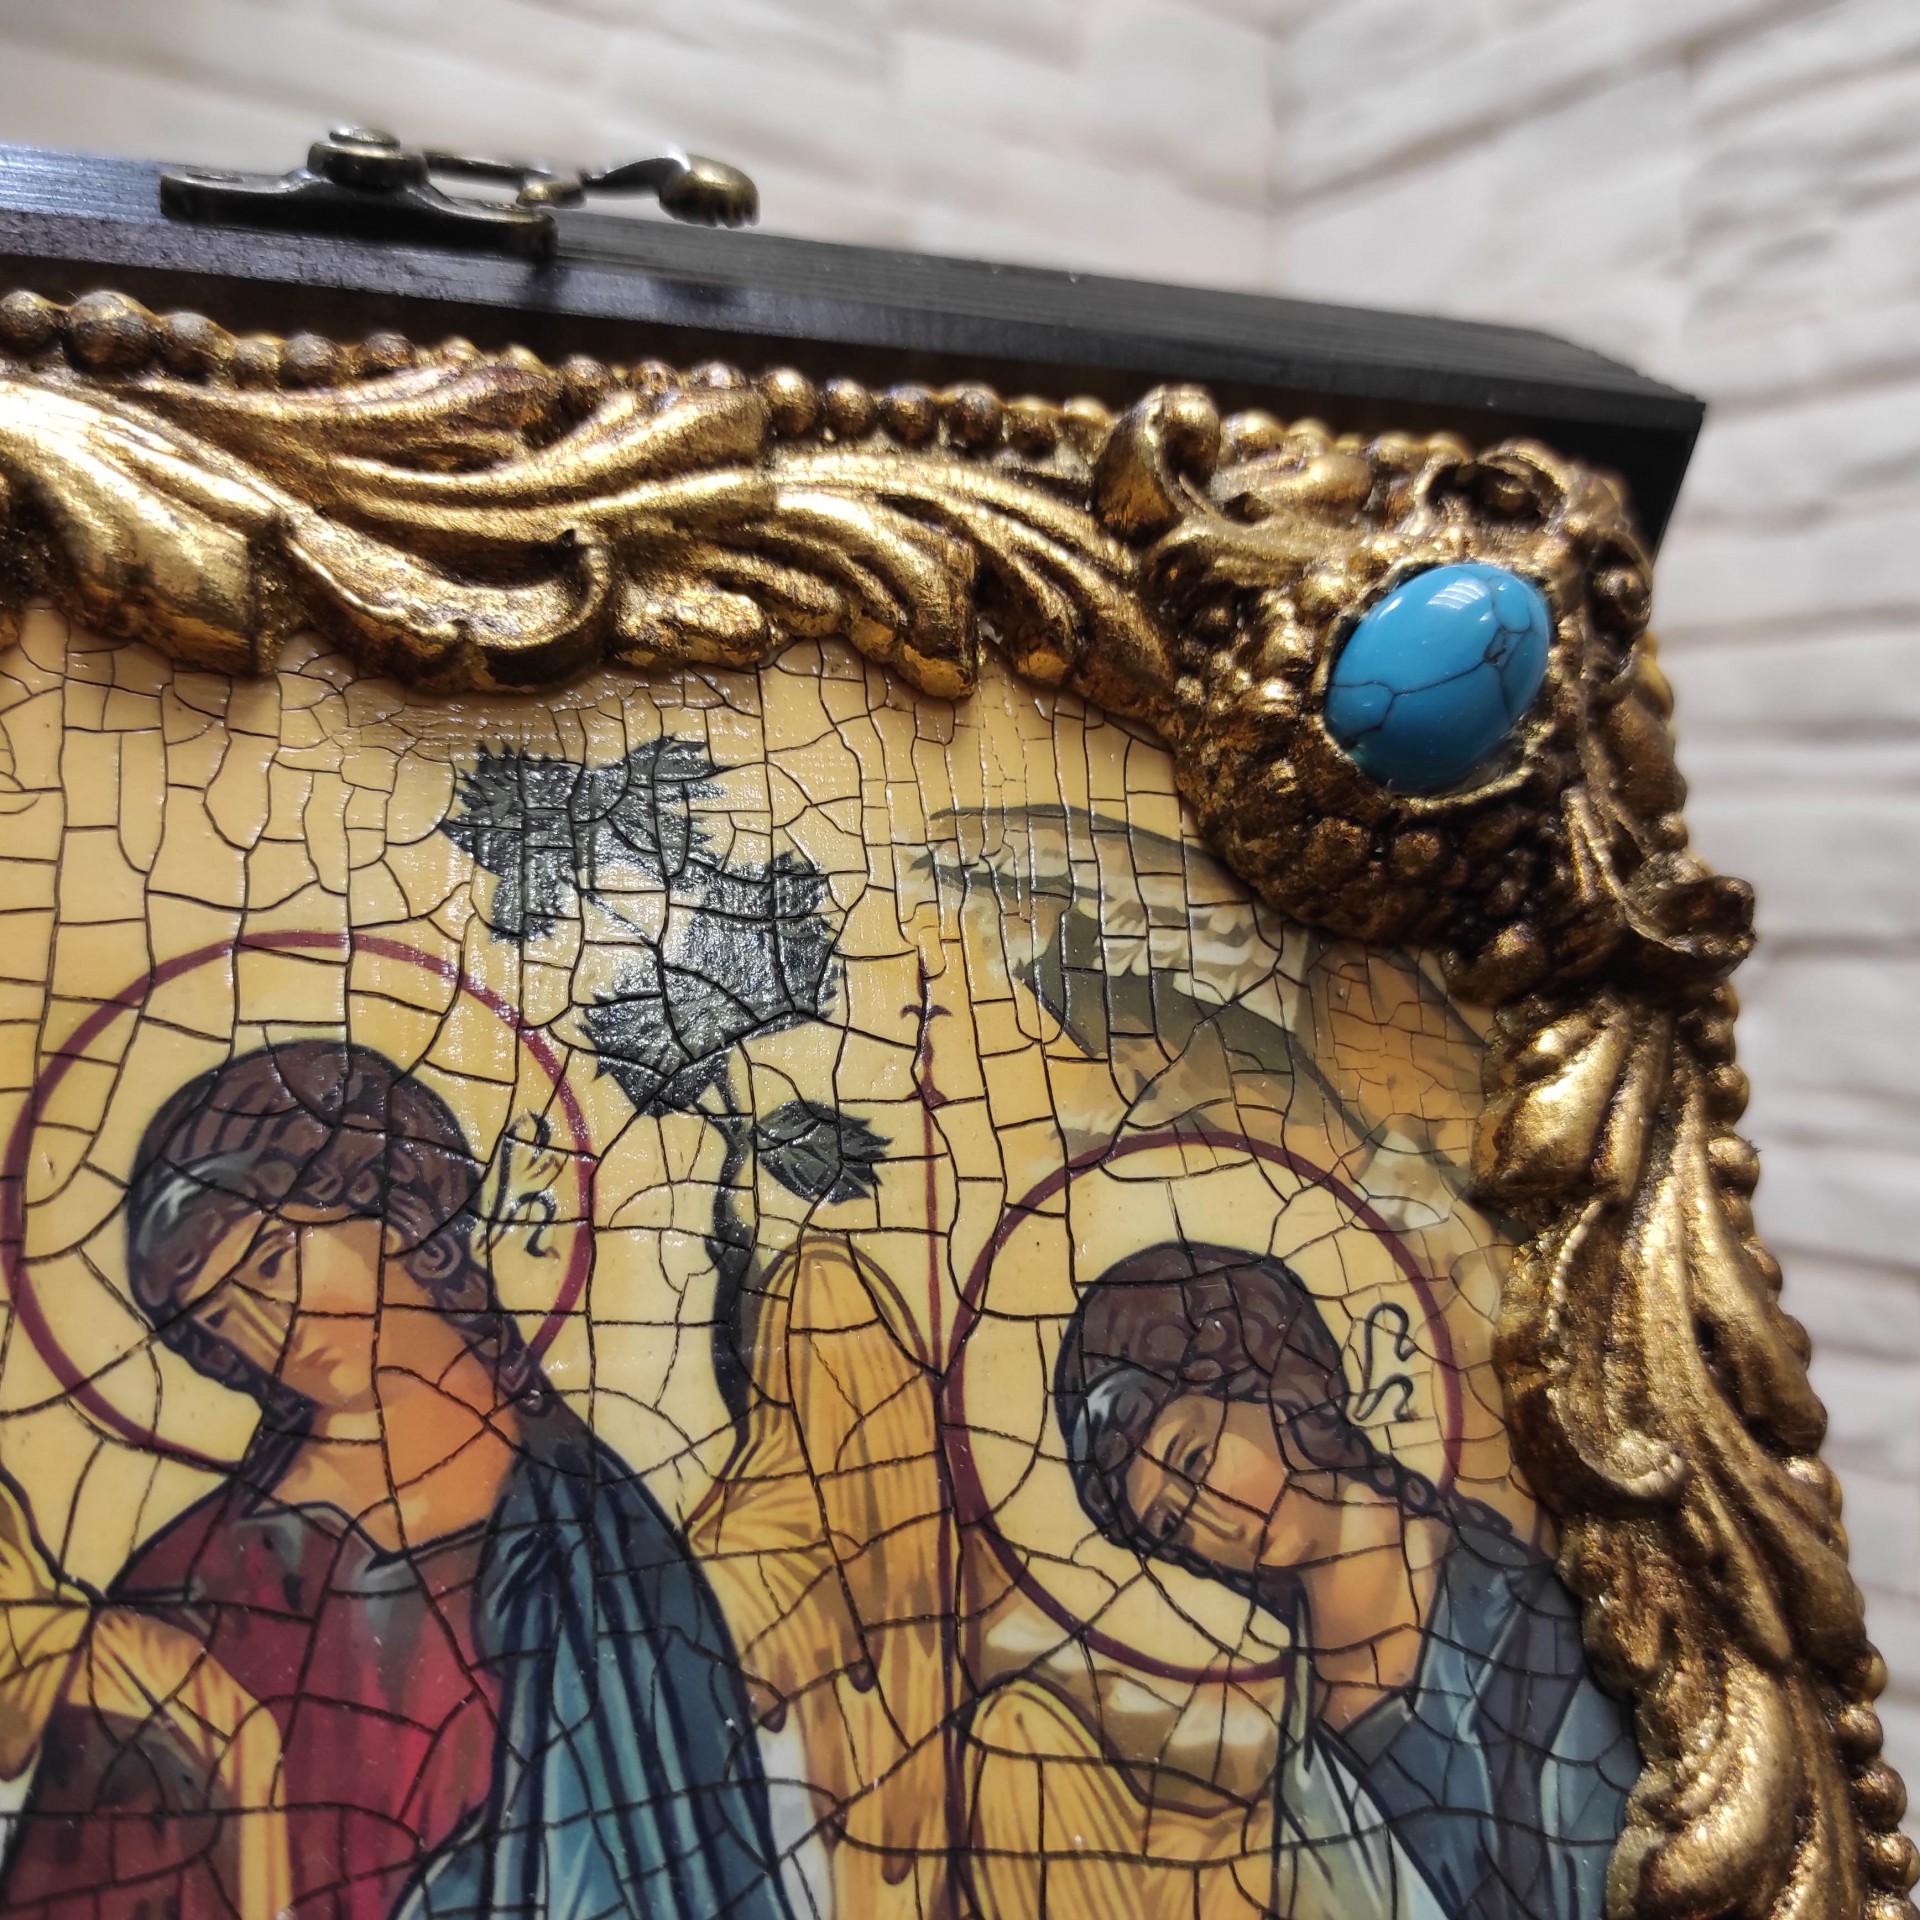 Фото правый верхний угол иконы Троицы с иглицами и камнями